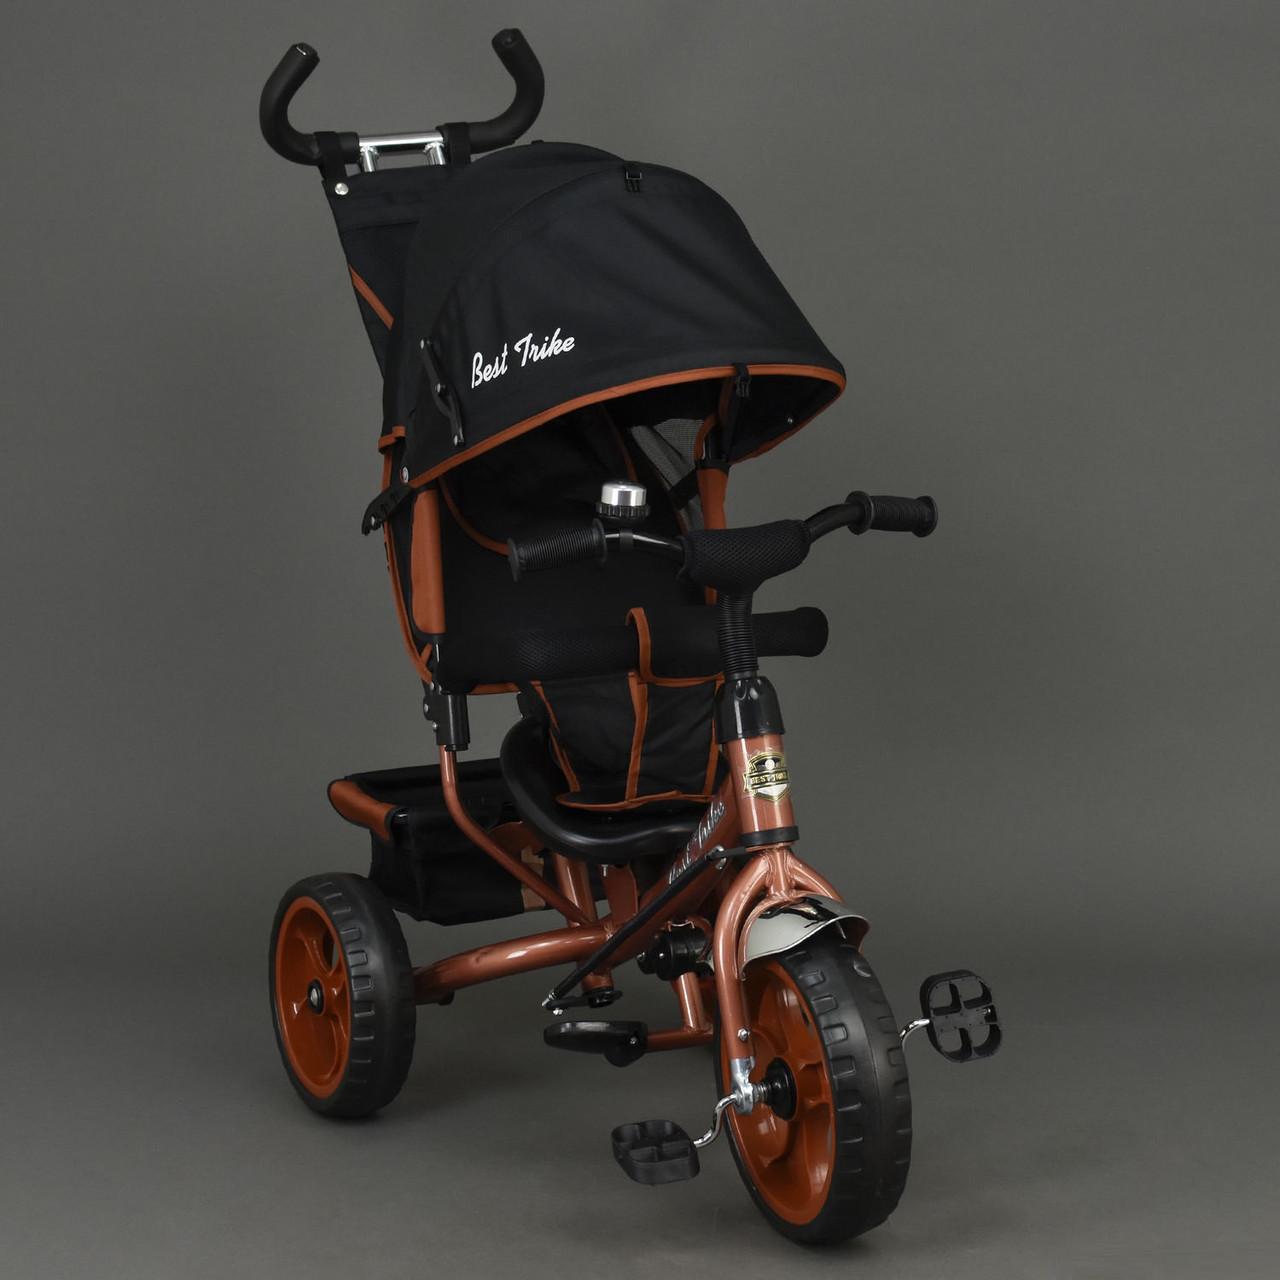 Детский трехколесный велосипед Best Trike 6570 бронзовый (колеса пена)